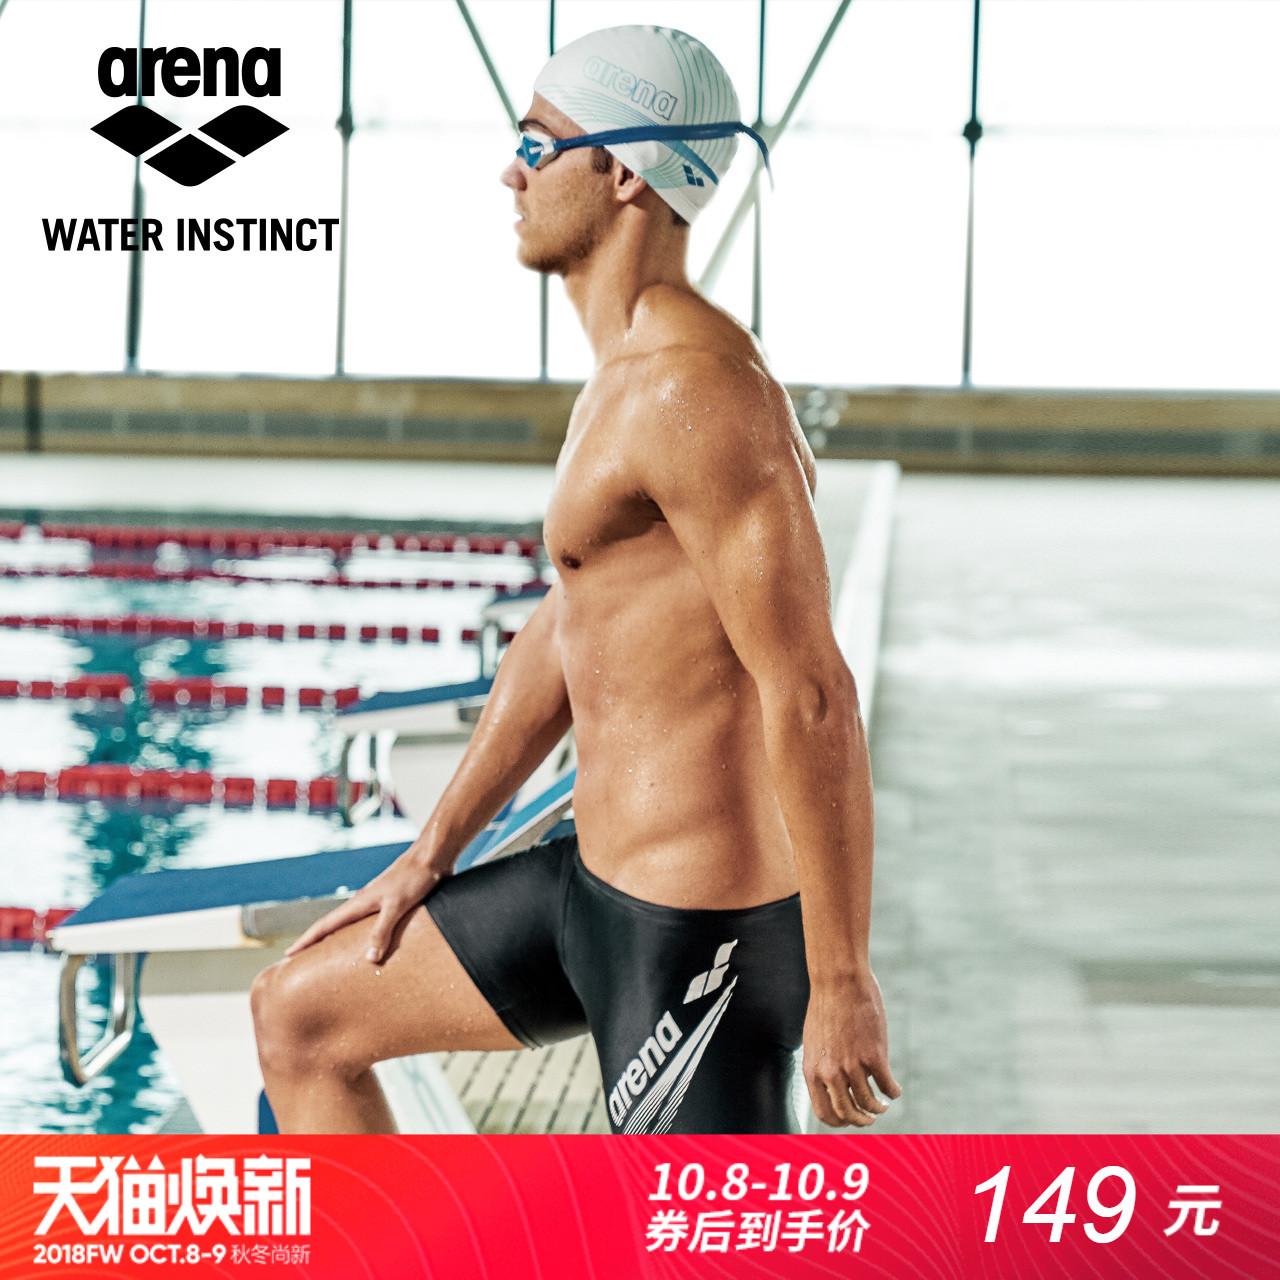 arena阿瑞娜泳裤男 专业运动速干泳衣成人 男士泳裤平角游泳裤